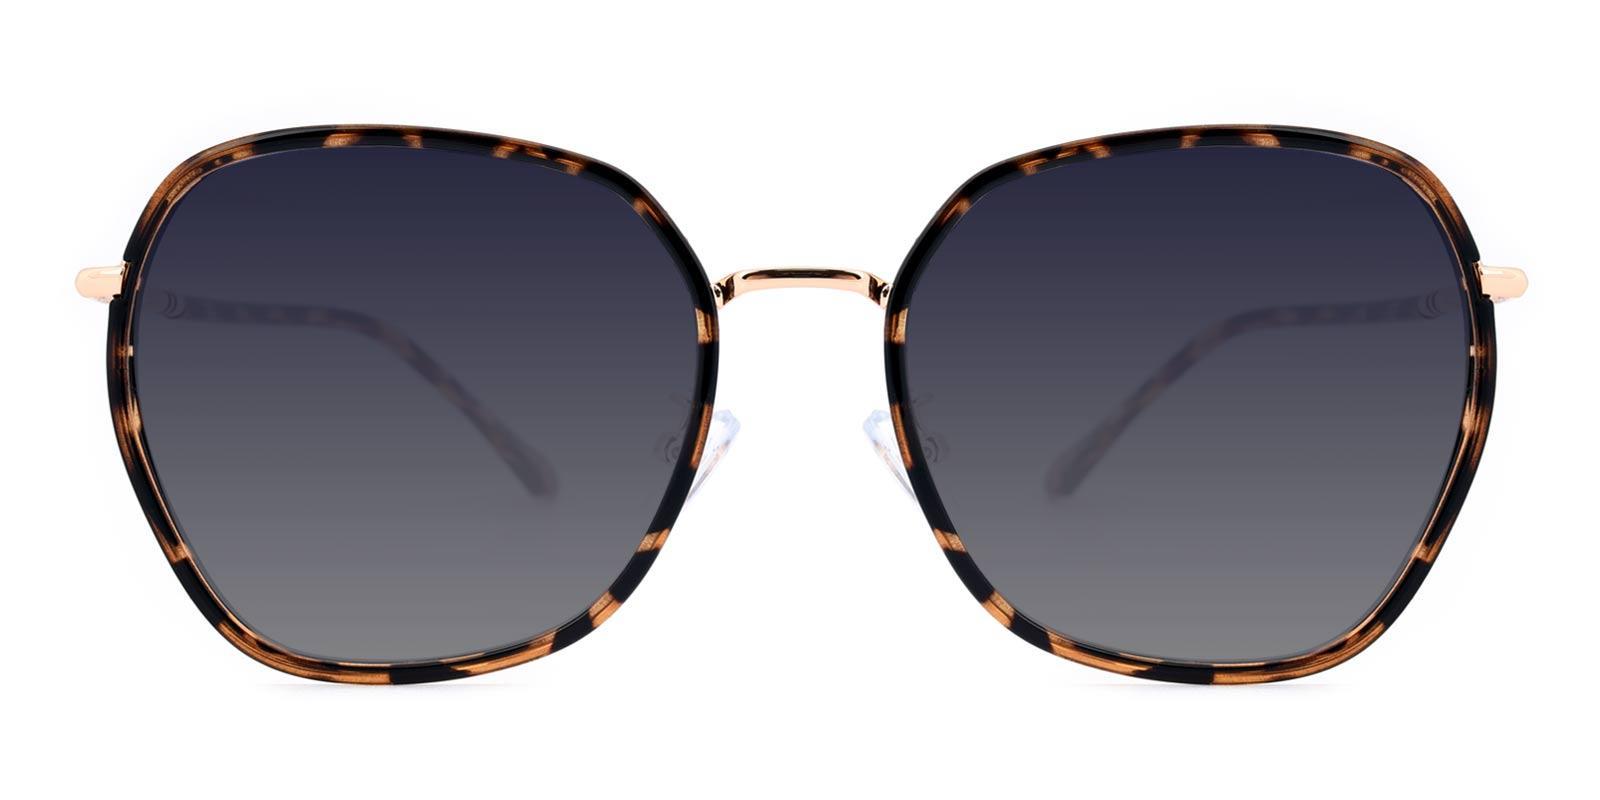 Chocolate-Tortoise-Square-Acetate-Sunglasses-detail